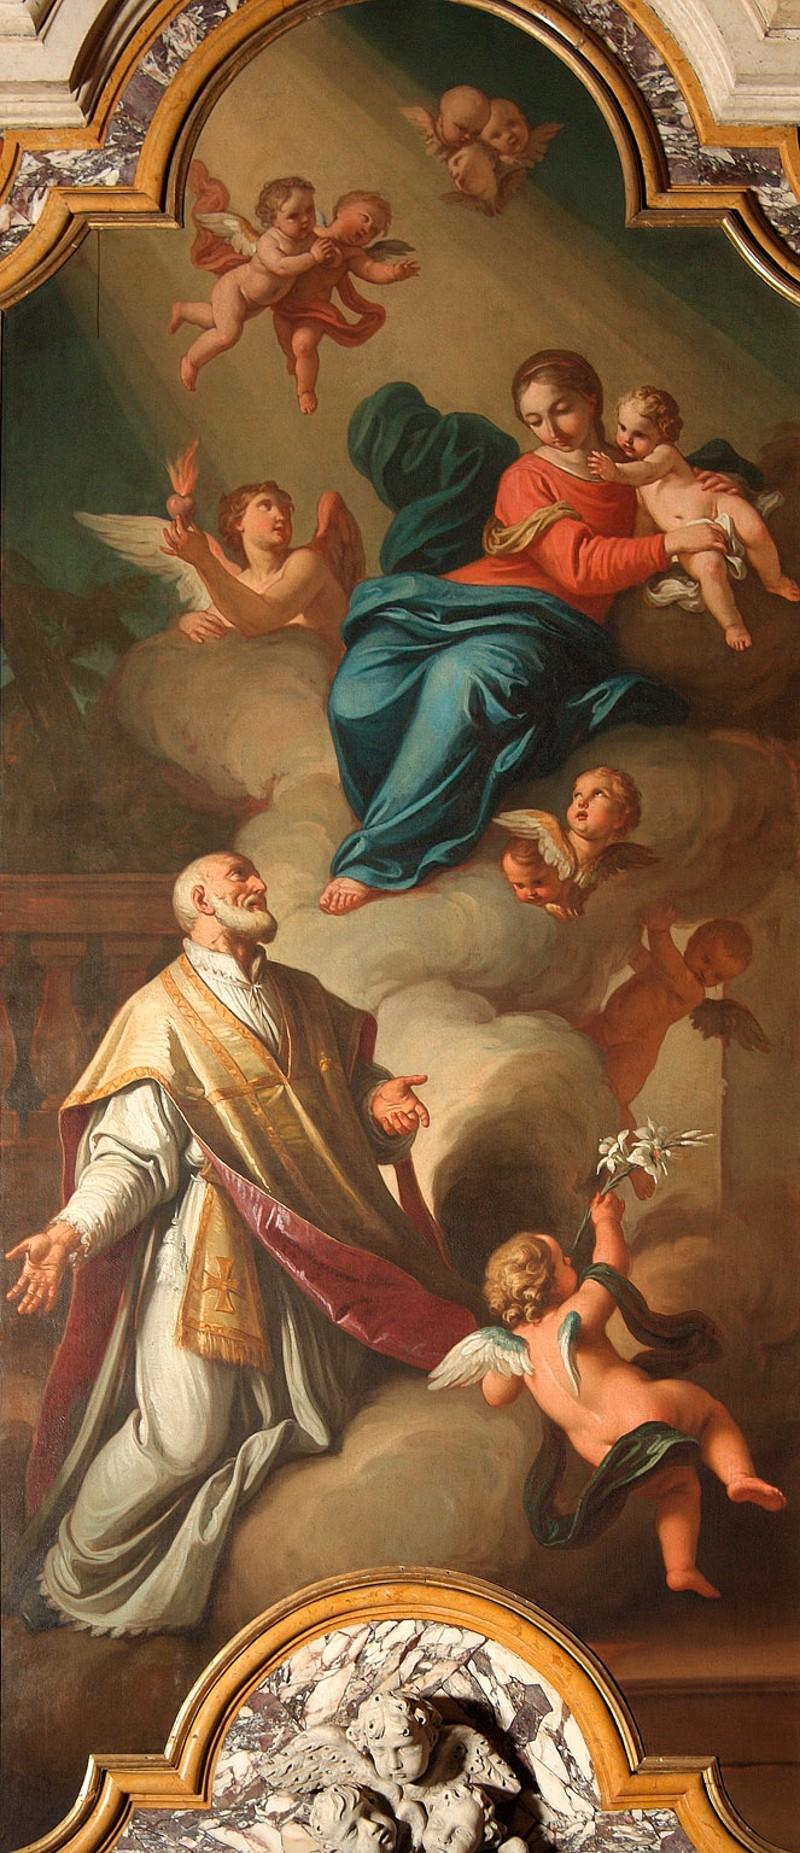 Rotari P. (1738), Madonna con Gesù Bambino e San Filippo Neri